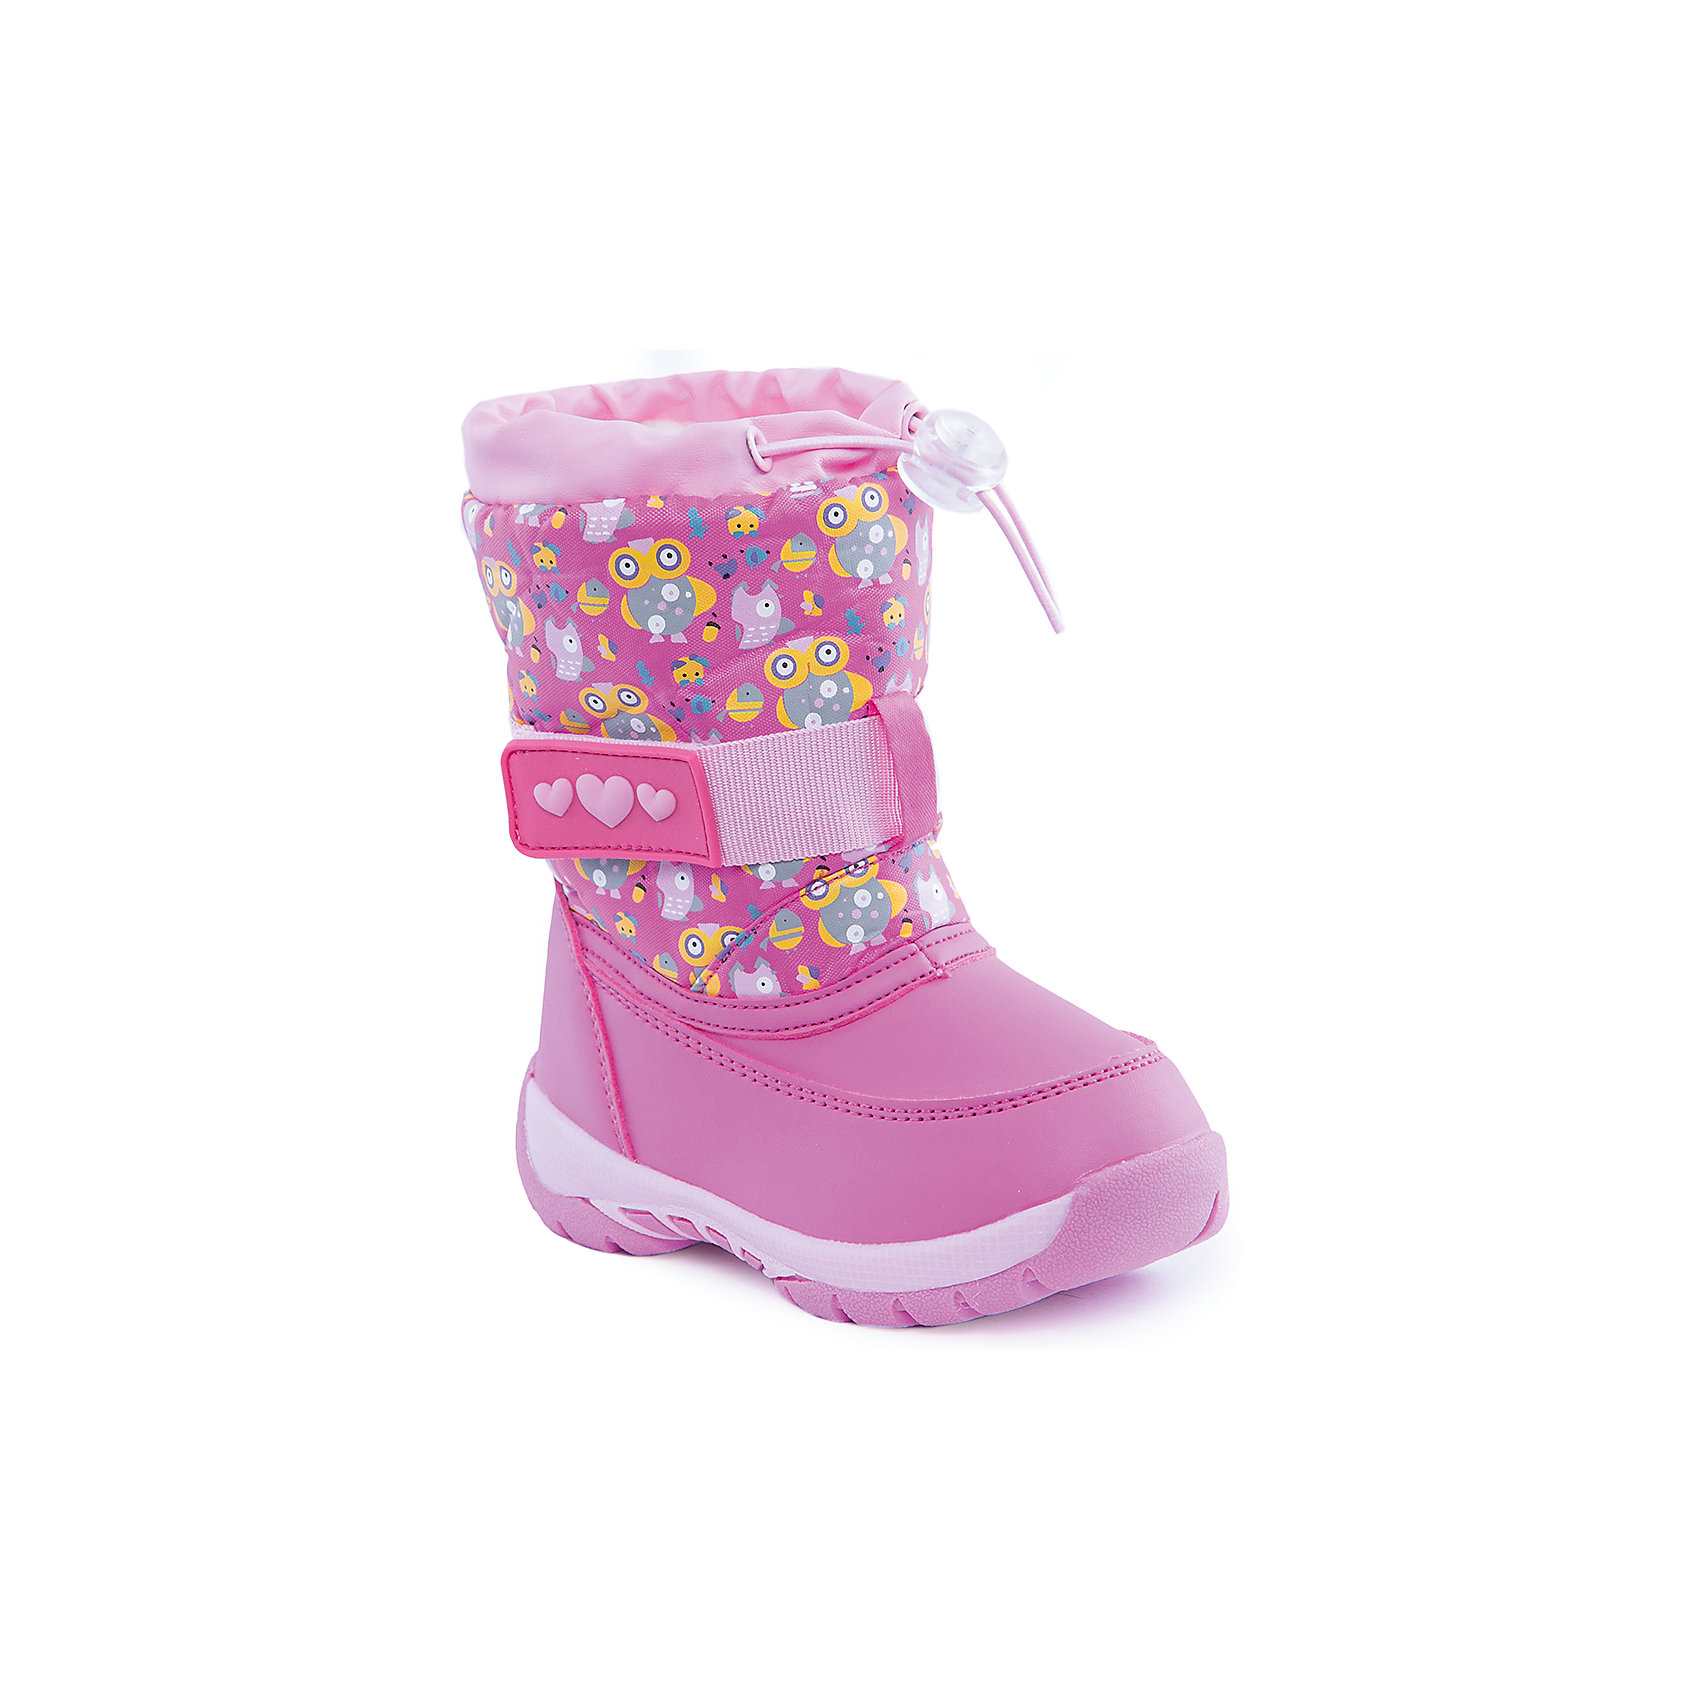 Сноубутсы для девочки Indigo kidsДутики<br>Сапоги для девочки от известного  бренда Indigo kids<br><br>Розовые дутые сапоги помогут защитить ноги от сырости и холода. Они легко надеваются, комфортно садятся по ноге. <br><br>Особенности модели:<br><br>- цвет - розовый;<br>- стильный дизайн;<br>- принт совята;<br>- удобная колодка;<br>- подкладка шерстяная;<br>- наверху - утяжка со стоппером;<br>- устойчивая подошва;<br>- застежка - липучка.<br><br>Дополнительная информация:<br><br>Температурный режим:<br>от -15° С до +5° С<br><br>Состав:<br><br>верх – текстиль/искусственная кожа;<br>подкладка - шерсть;<br>подошва - полимер.<br><br>Сапоги для девочки Indigo kids (Индиго Кидс) можно купить в нашем магазине.<br><br>Ширина мм: 257<br>Глубина мм: 180<br>Высота мм: 130<br>Вес г: 420<br>Цвет: розовый<br>Возраст от месяцев: 24<br>Возраст до месяцев: 36<br>Пол: Женский<br>Возраст: Детский<br>Размер: 26,28,27,25,24,23<br>SKU: 4340475